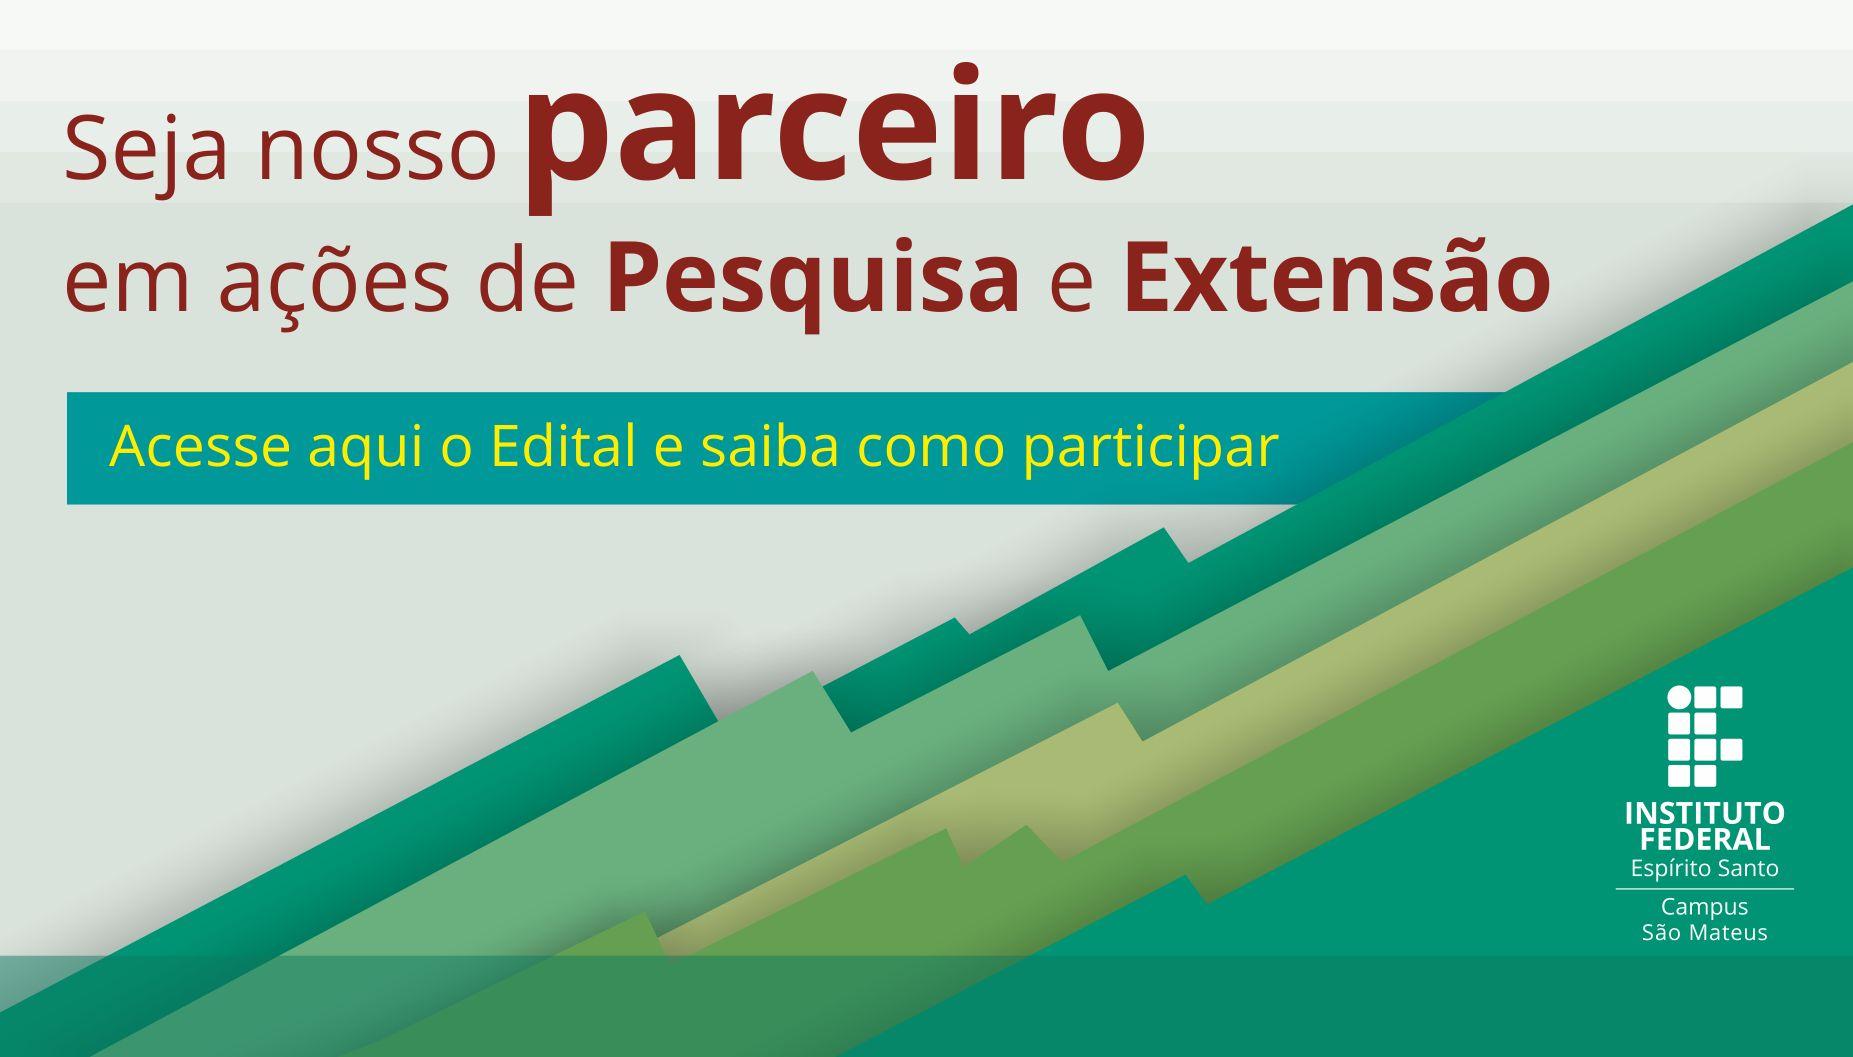 Chamada Pública para parcerias na Extensão e Pesquisa